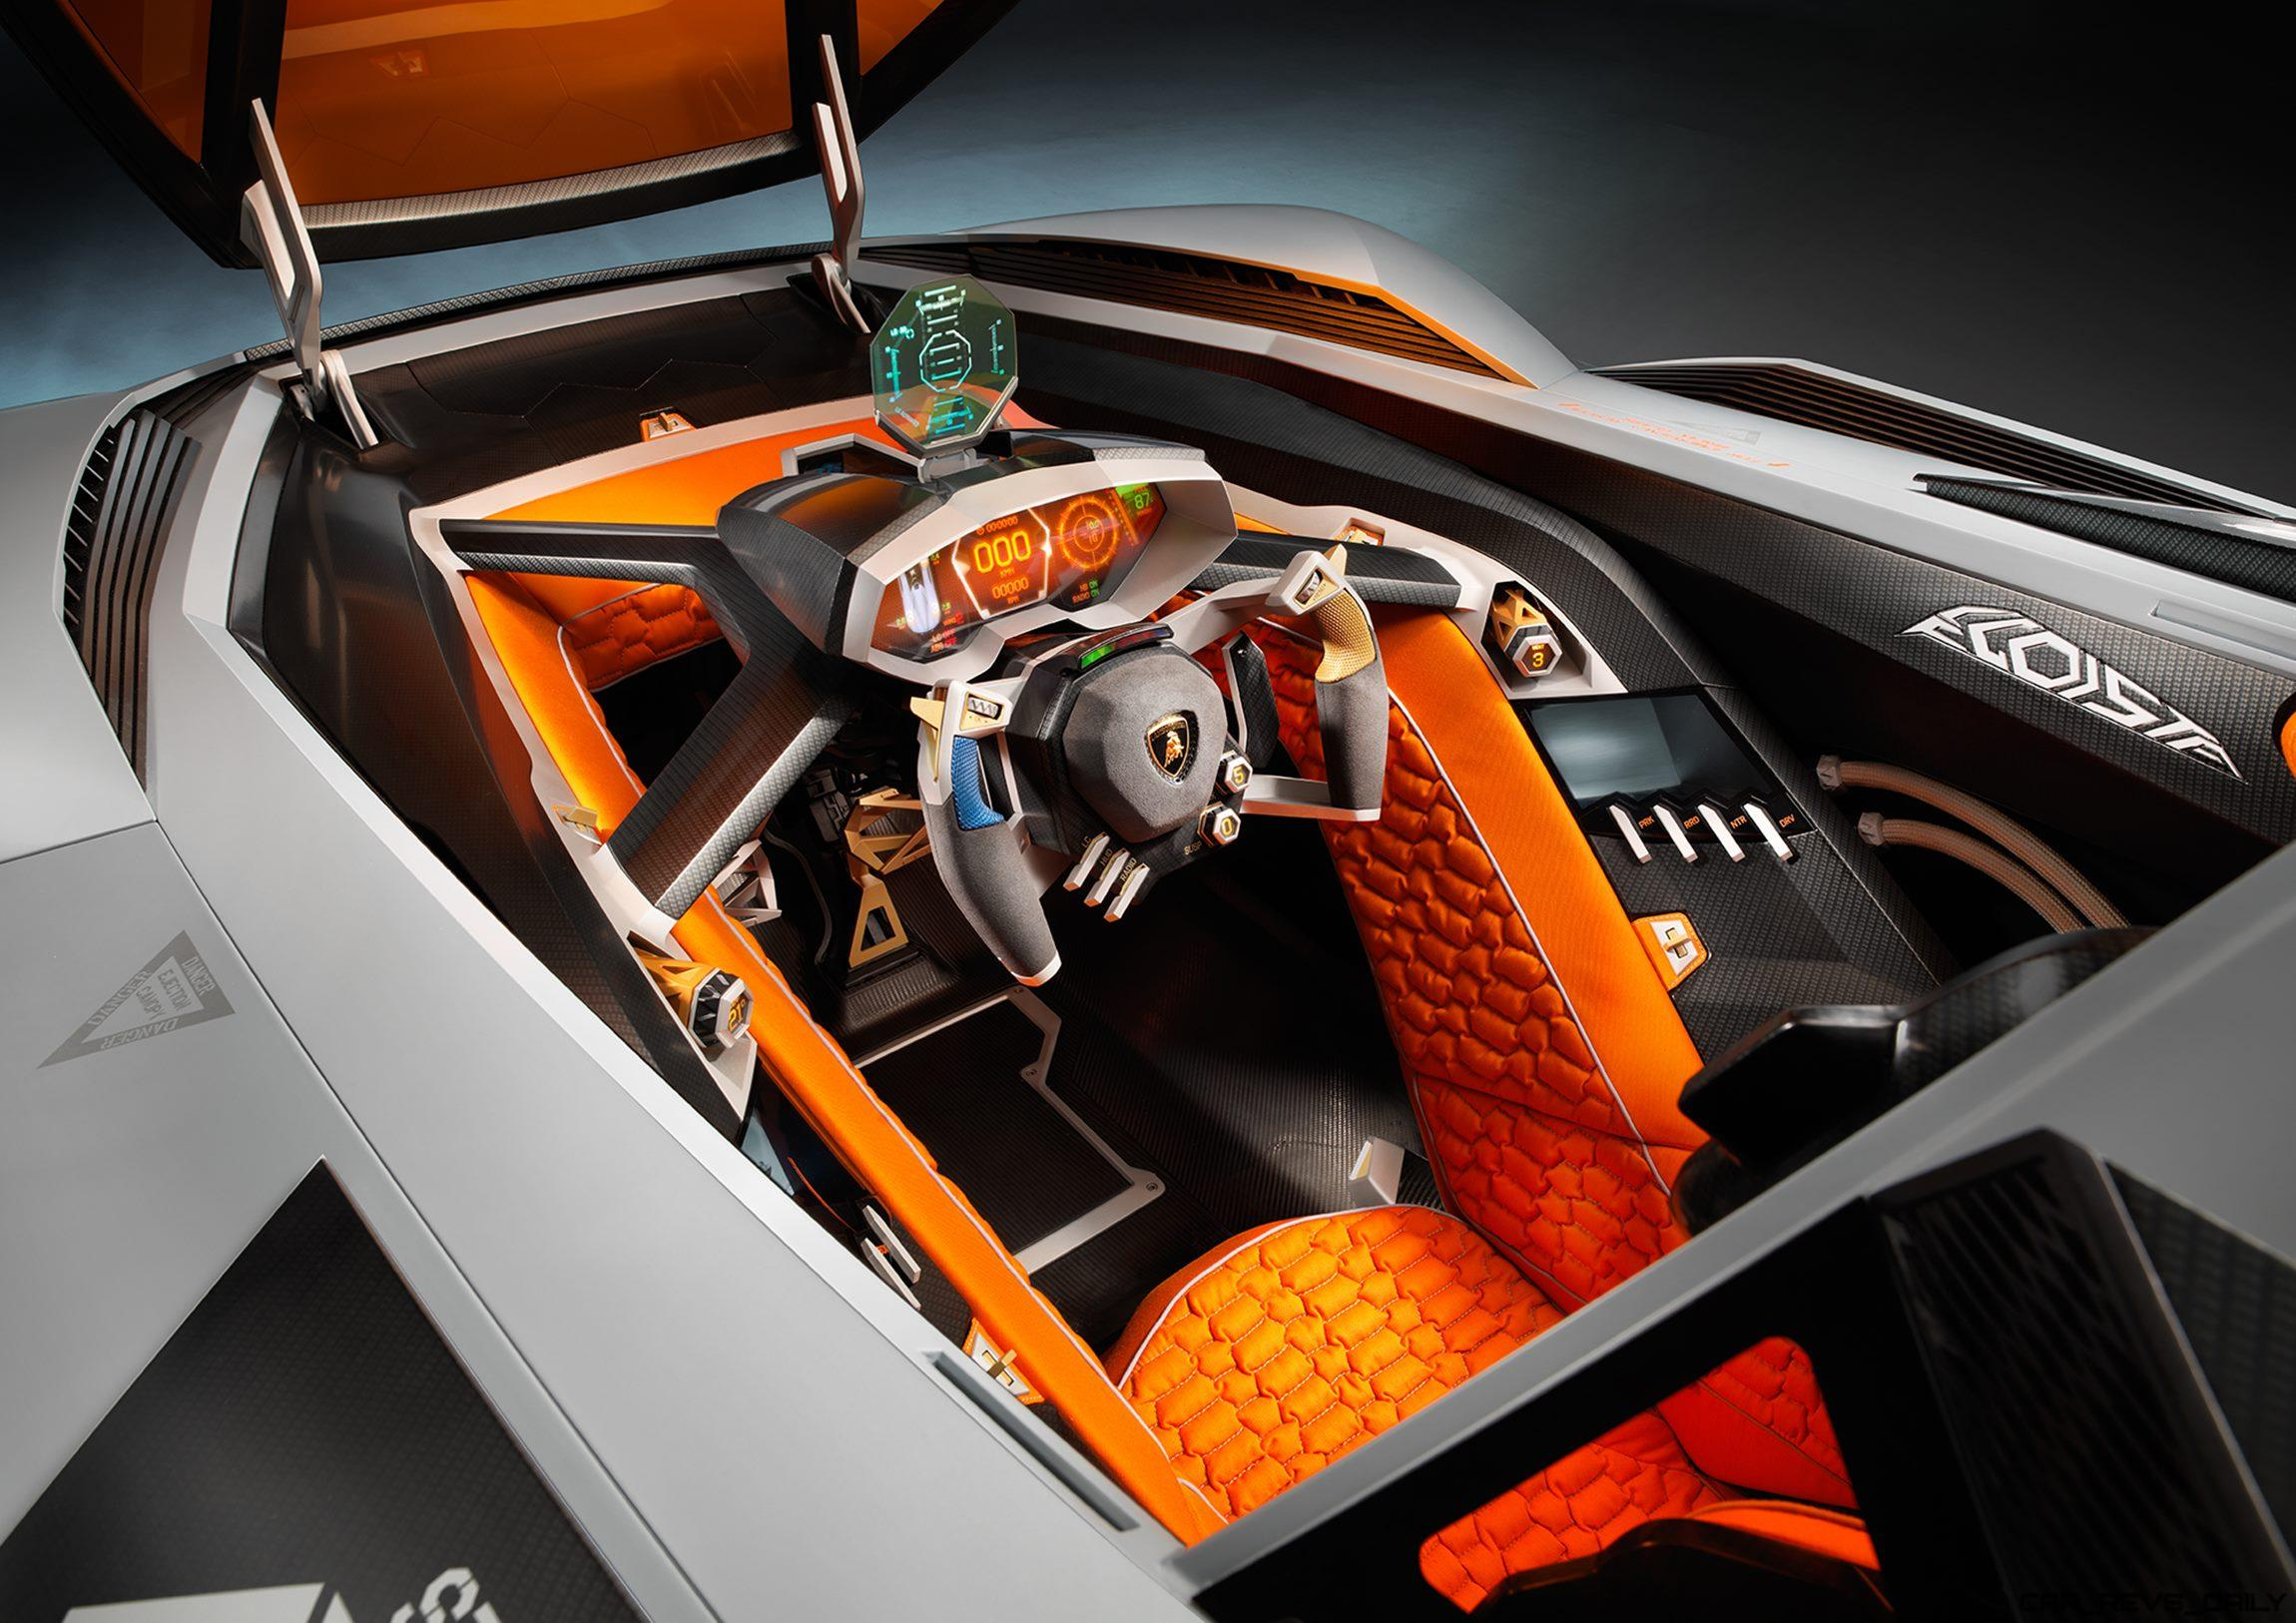 home - Lamborghini Egoista Police